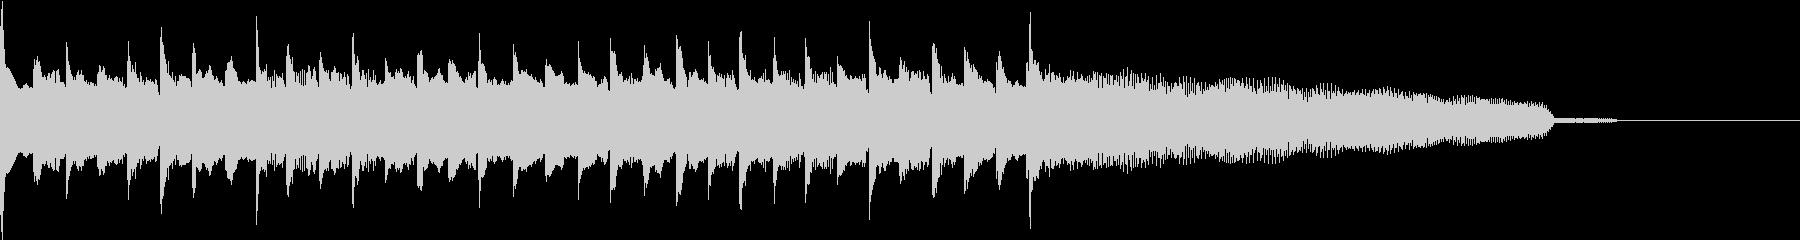 クリーン・ギターのアルペジオ【不気味さ】の未再生の波形